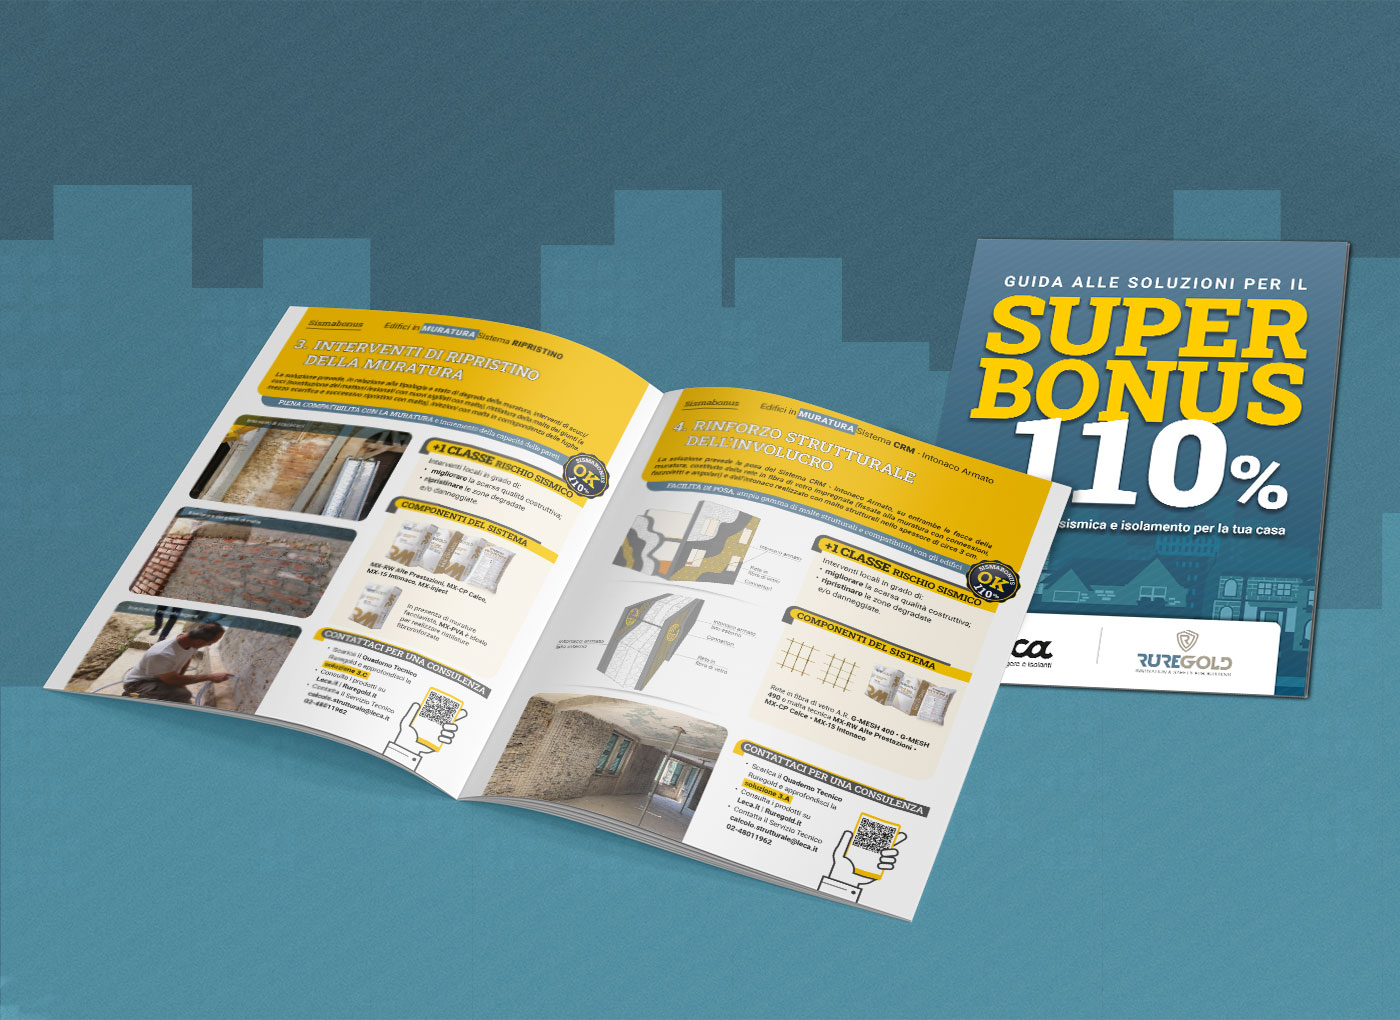 superbonus-110-guida-alle-soluzioni